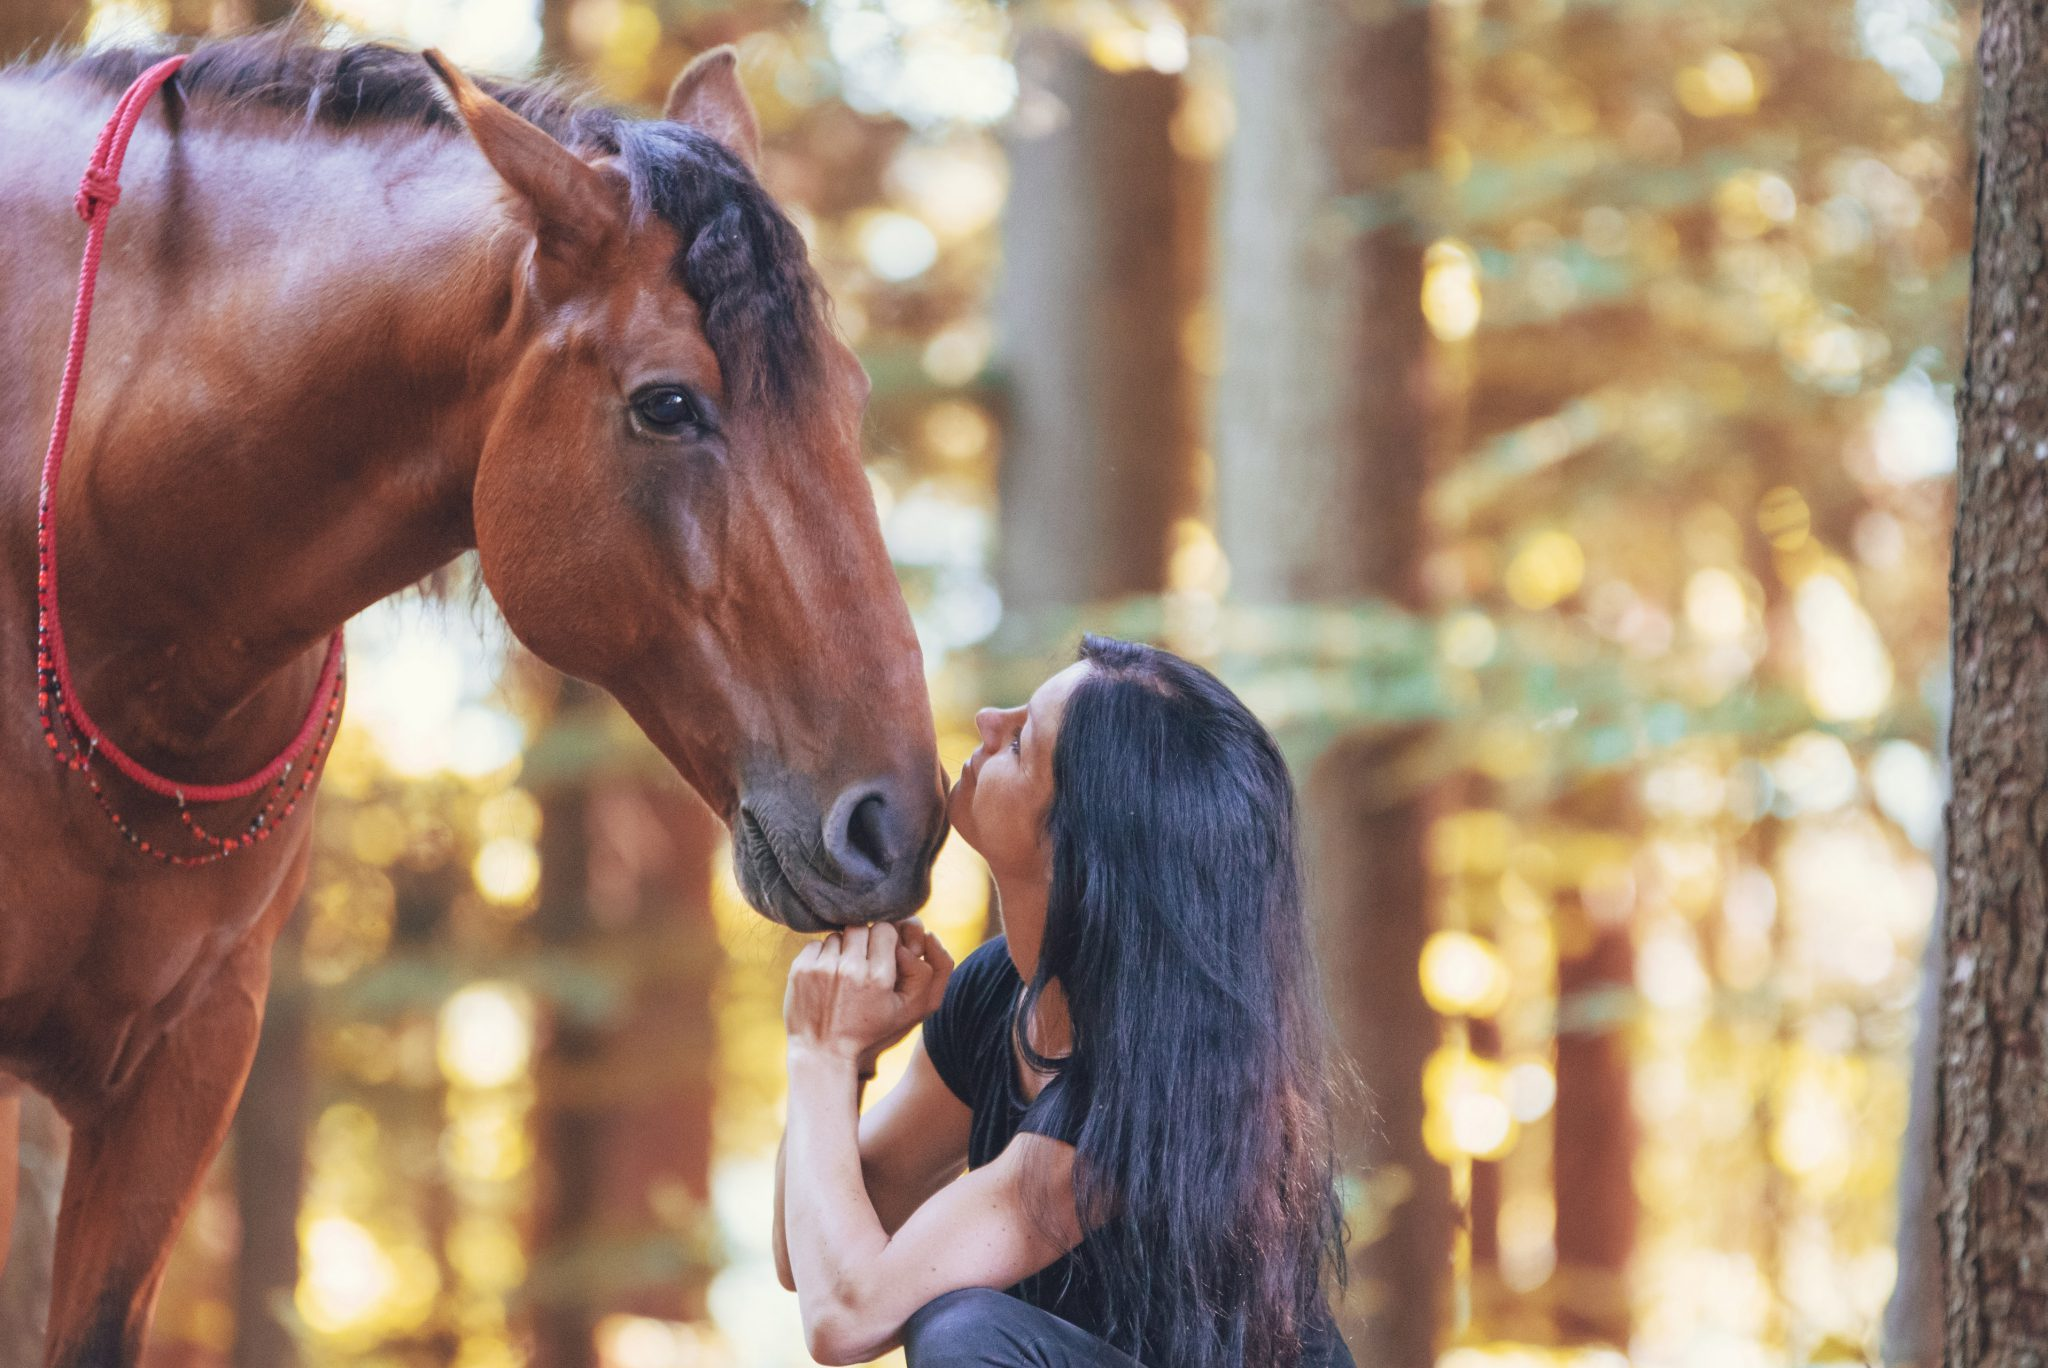 Seinem Pferd zuzuhören ist wichtig beim Training. Foto: Svenja Sommer